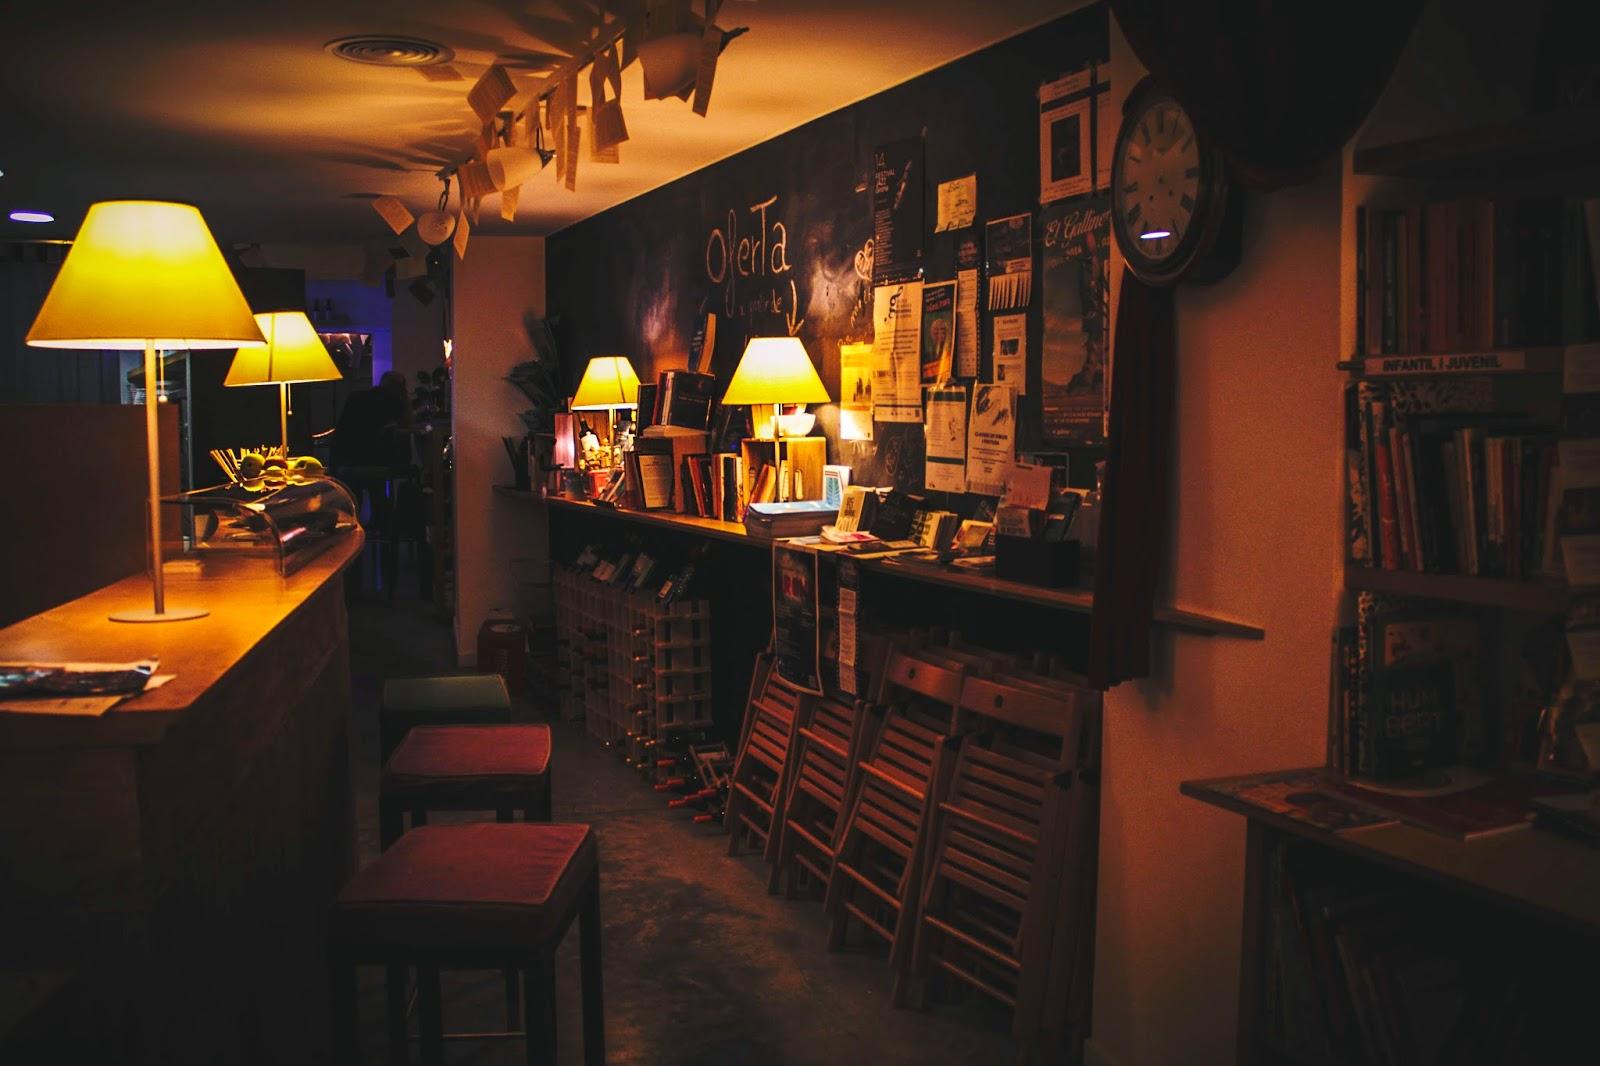 Passadís entre el bar i la llibreria Context